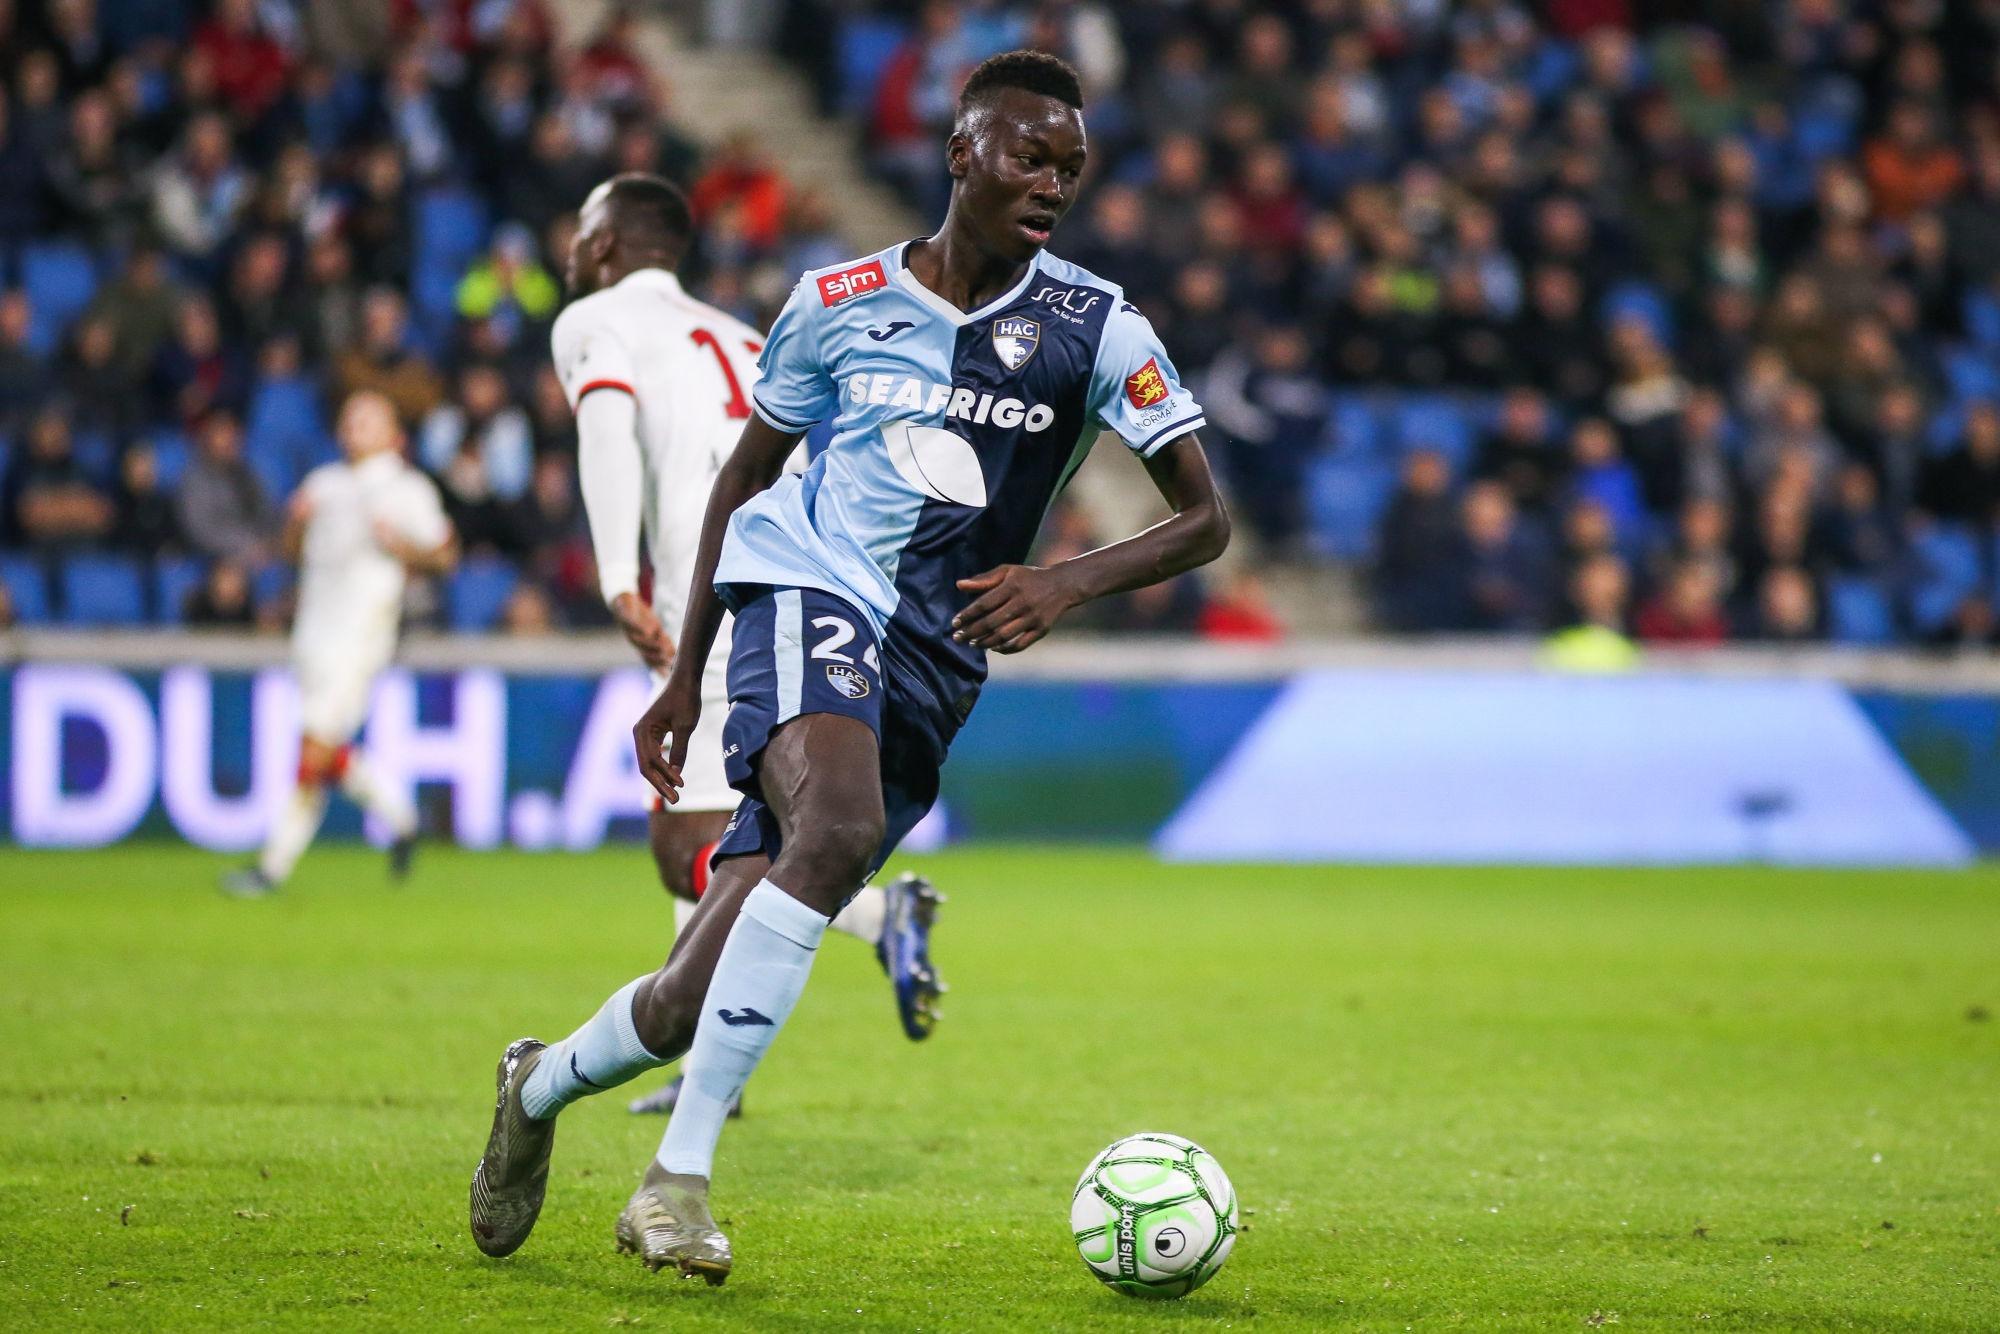 Mercato OM : Marseille réalise un gros coup pour pas grand chose